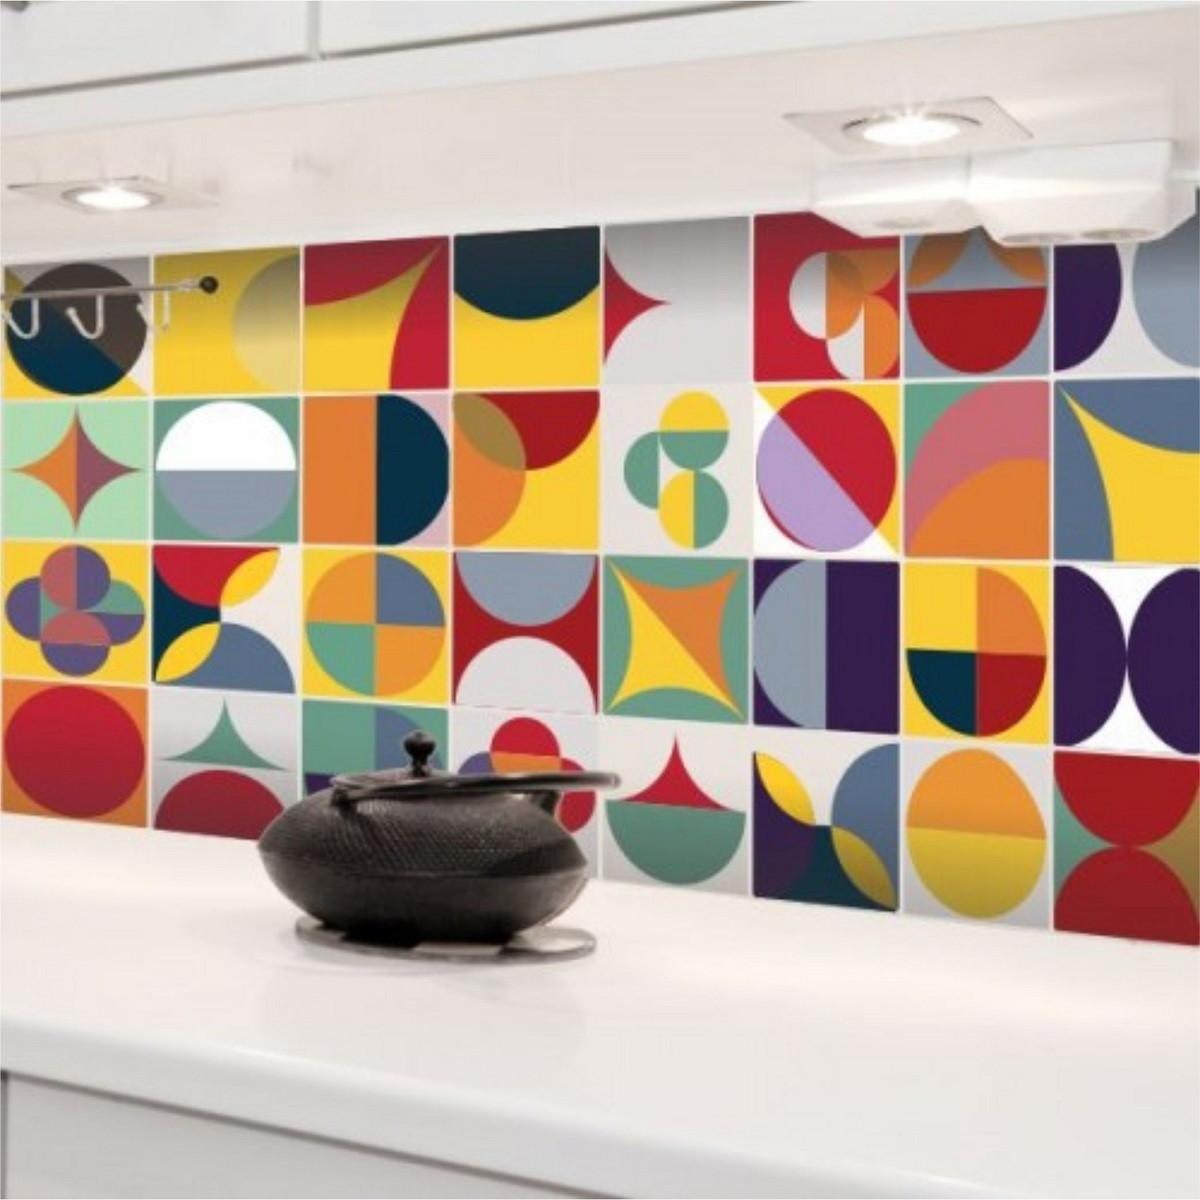 adesivo de cozinha  439  ADESIVOS COMPRAR E COLAR  Elo7 # Adesivo Em Azulejo De Cozinha